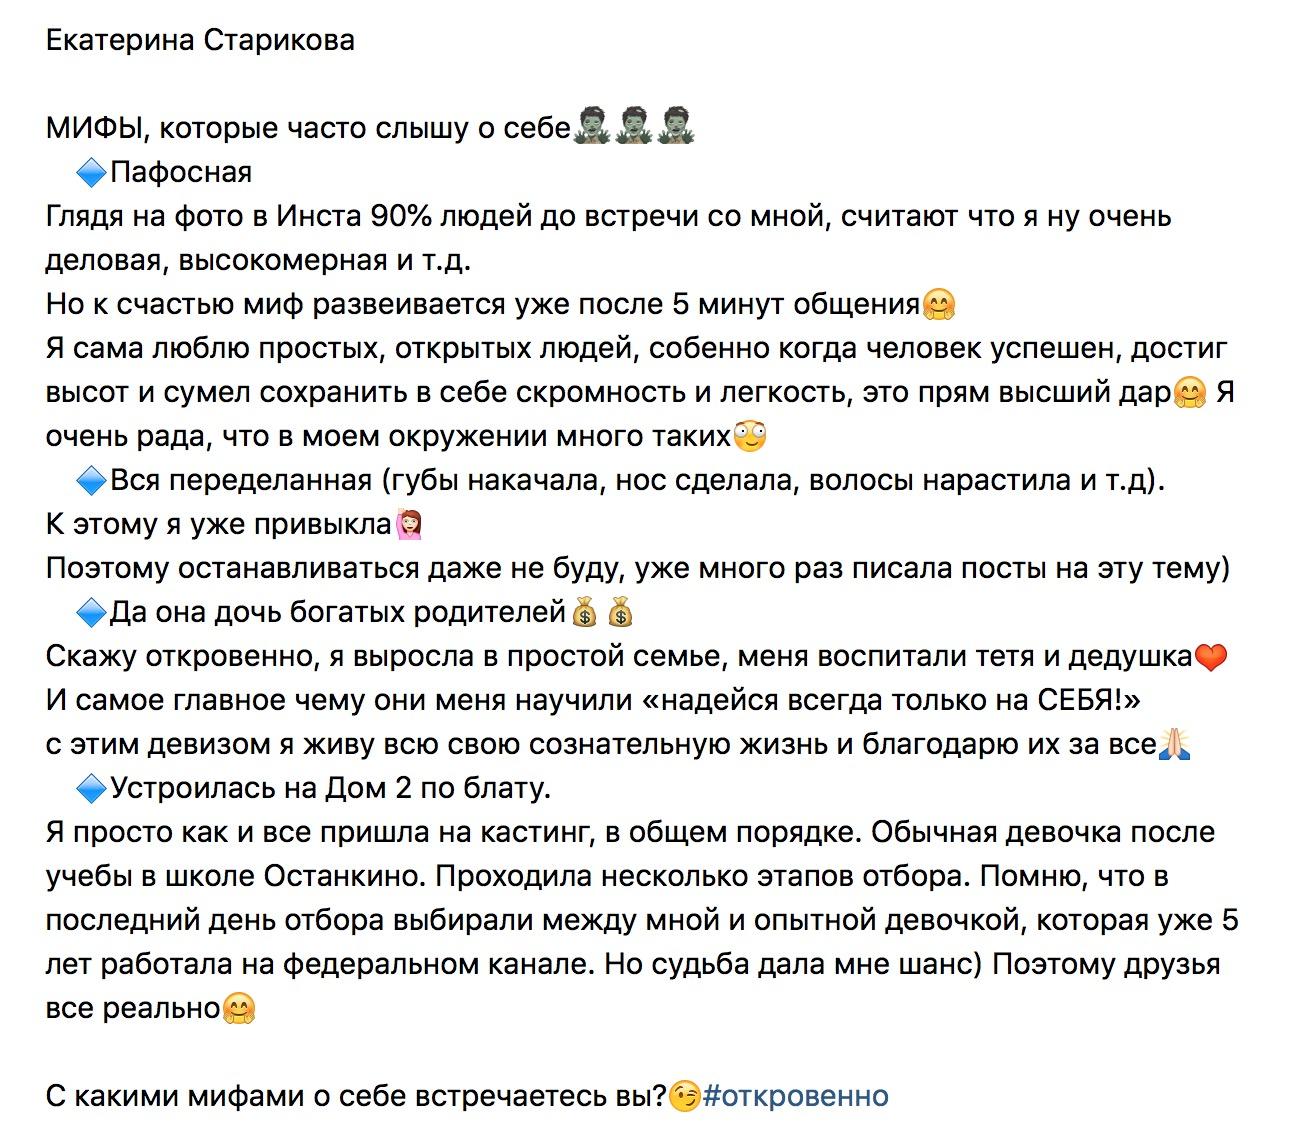 Мифы о Екатерине Стариковой